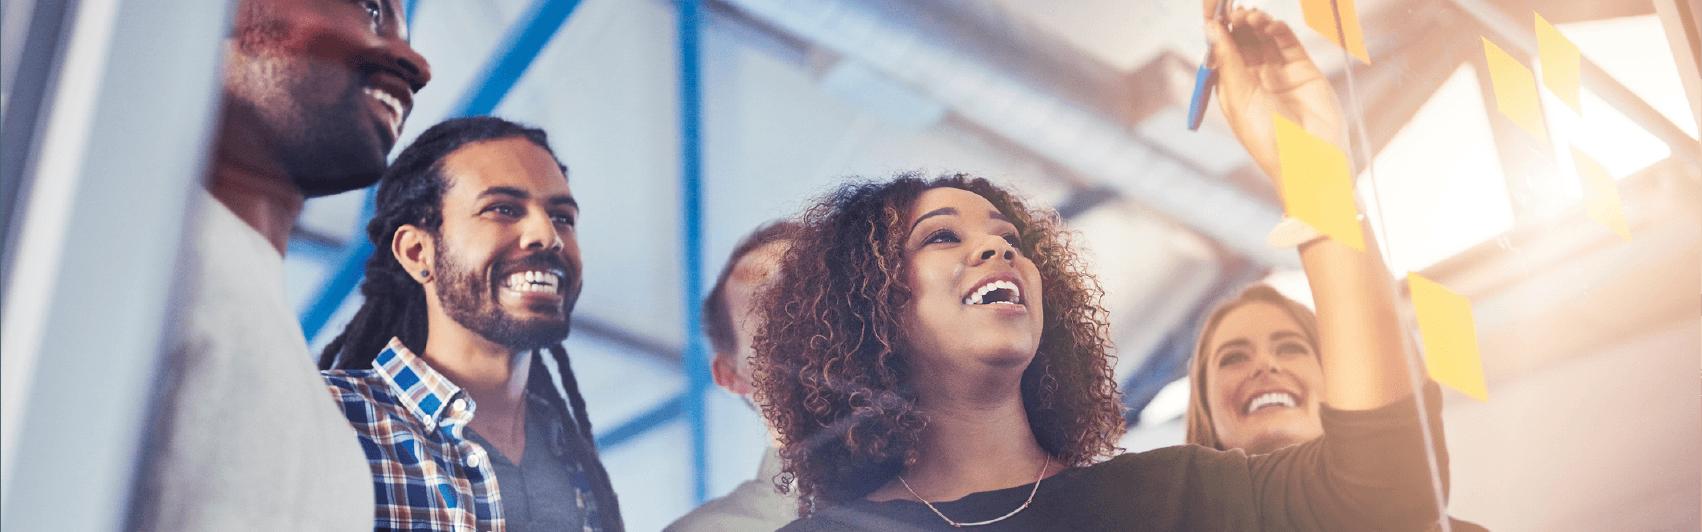 5 Ways to Save Money by Increasing HR Efficiencies